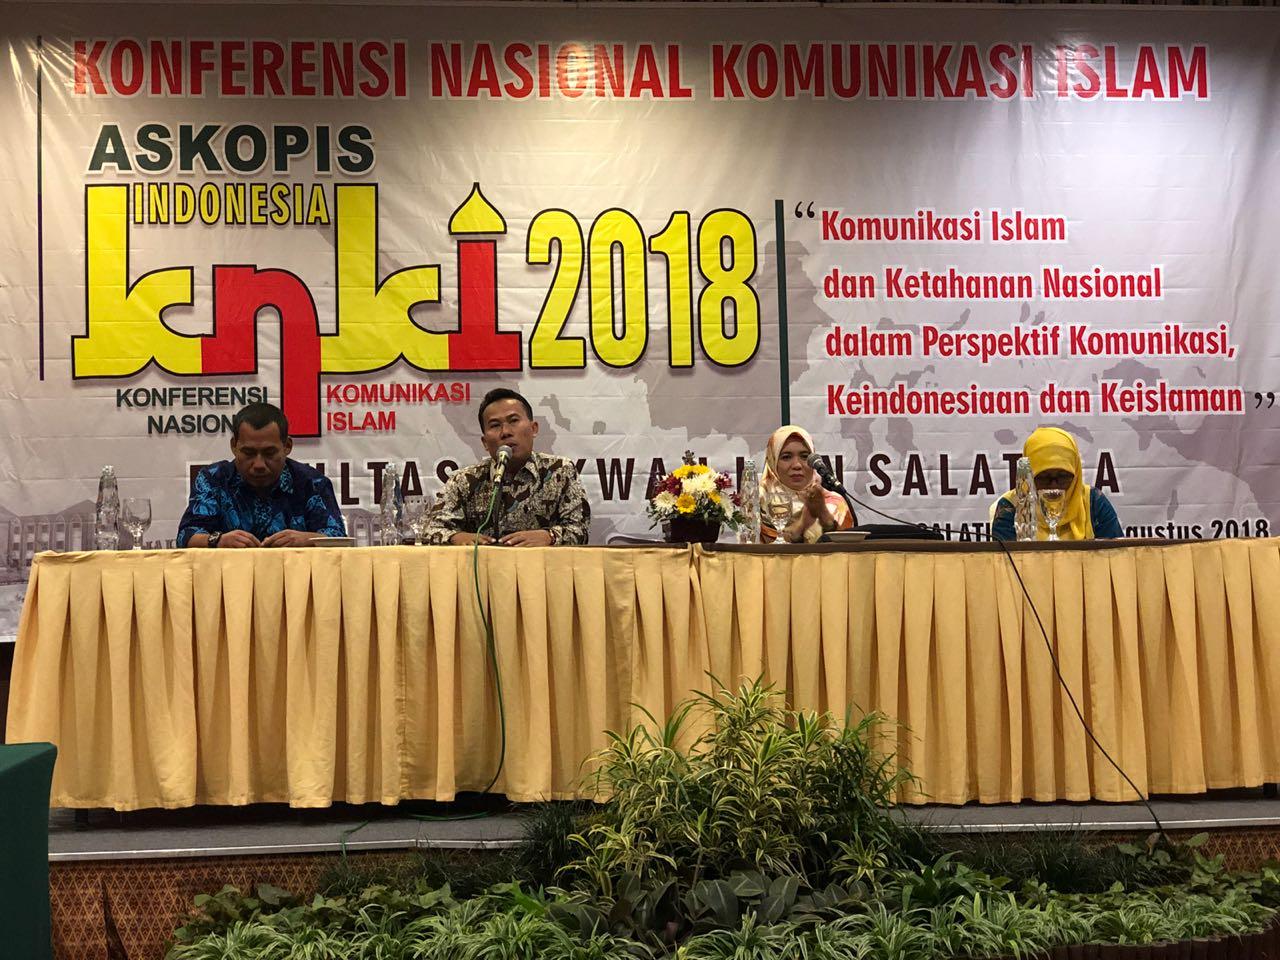 Prodi KPI UIN Antasari menghadiri Konferensi Nasional Komunikasi Islam (KNKI) II Askopis Tahun 2018 di IAIN Salatiga